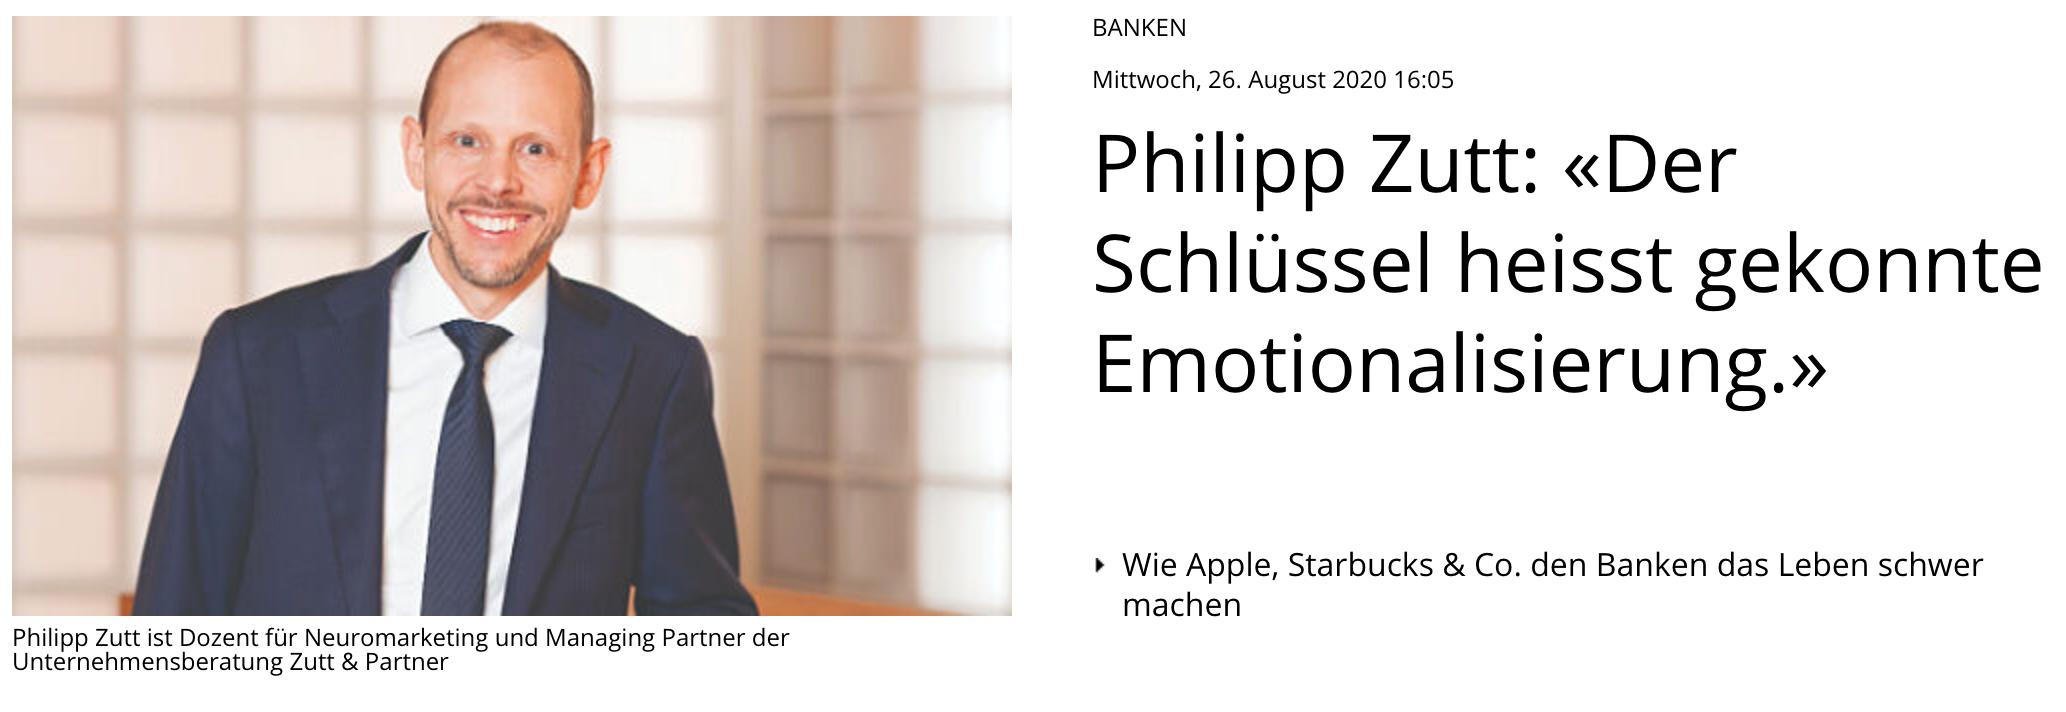 Gemäss Philipp Zutt gibt es drei Rezepte, welche die heimischen Player zurück in die Poleposition bringen können.